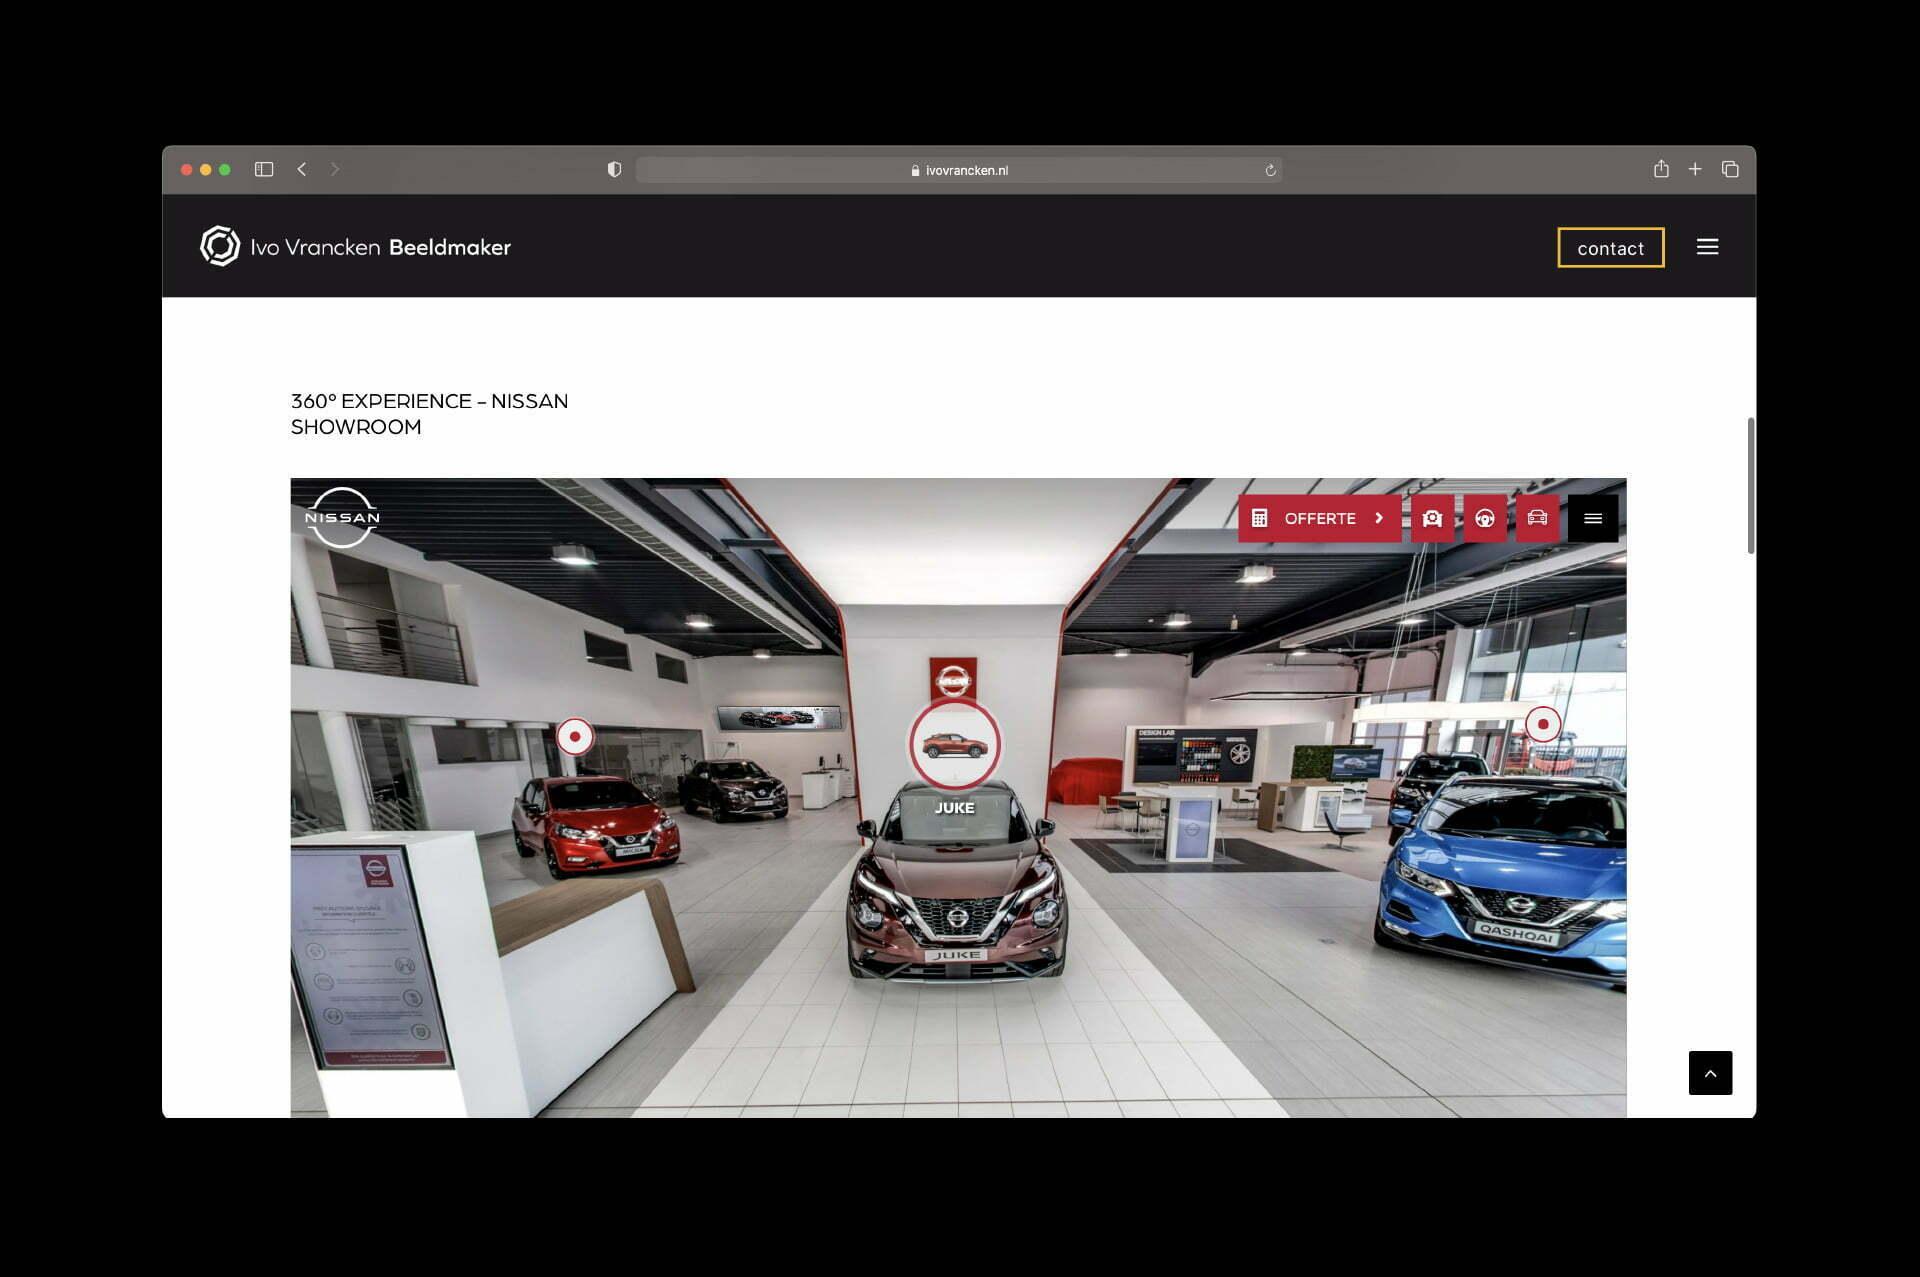 Website Ivo Vrancken - 360 experience Nissan - door Lizzy van ILUZIE